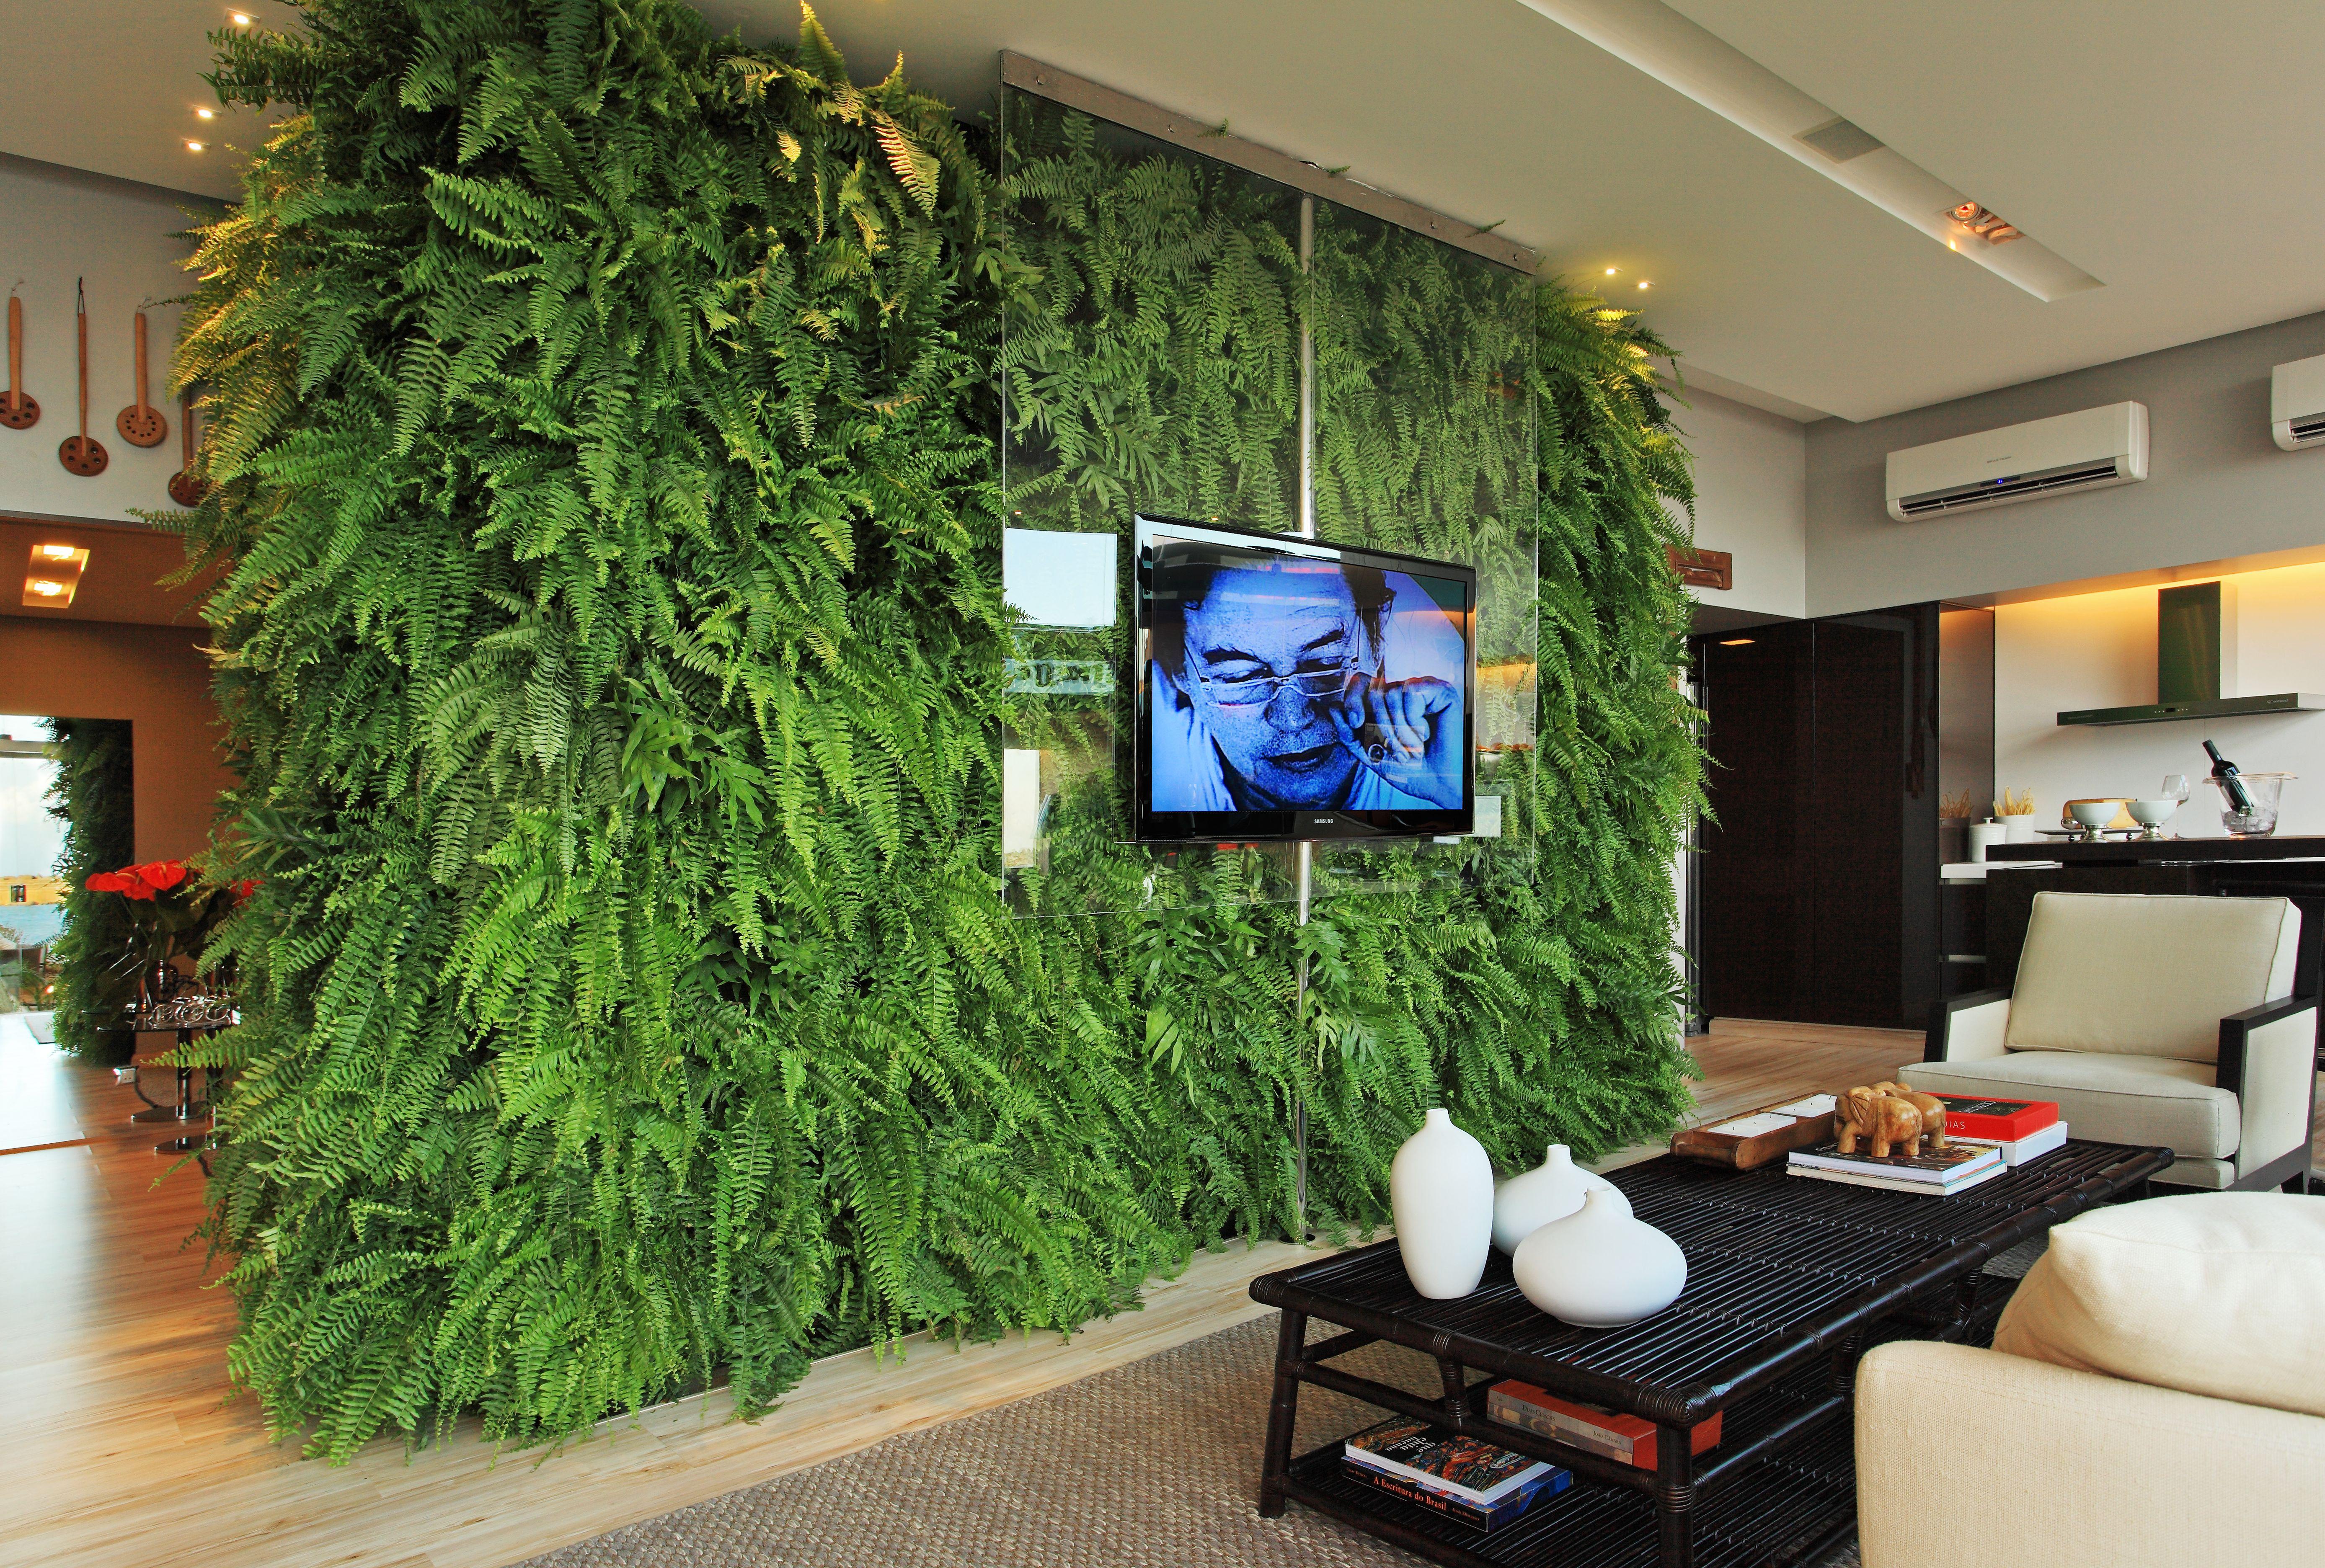 Um imenso jardim vertical foi a nossa proposta verde #986A33 5550 3744